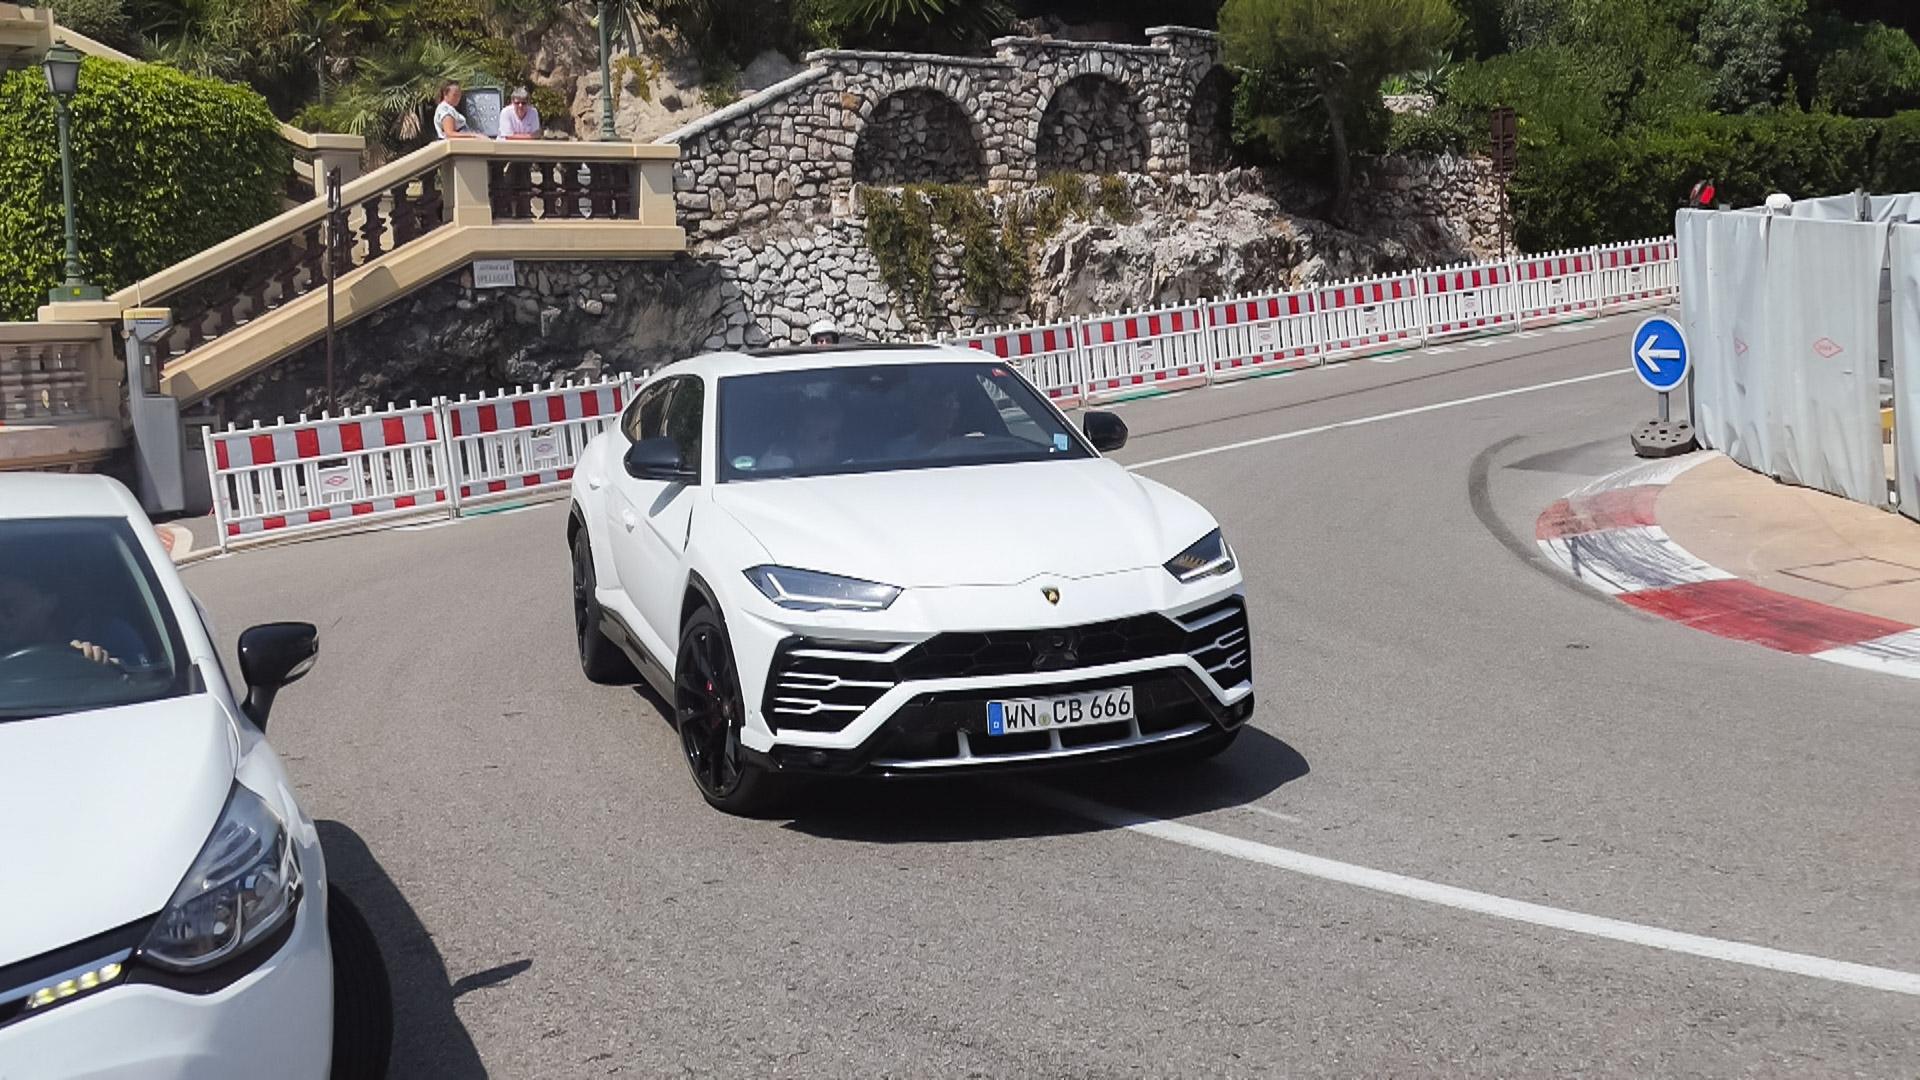 Lamborghini Urus - WN-CB-666